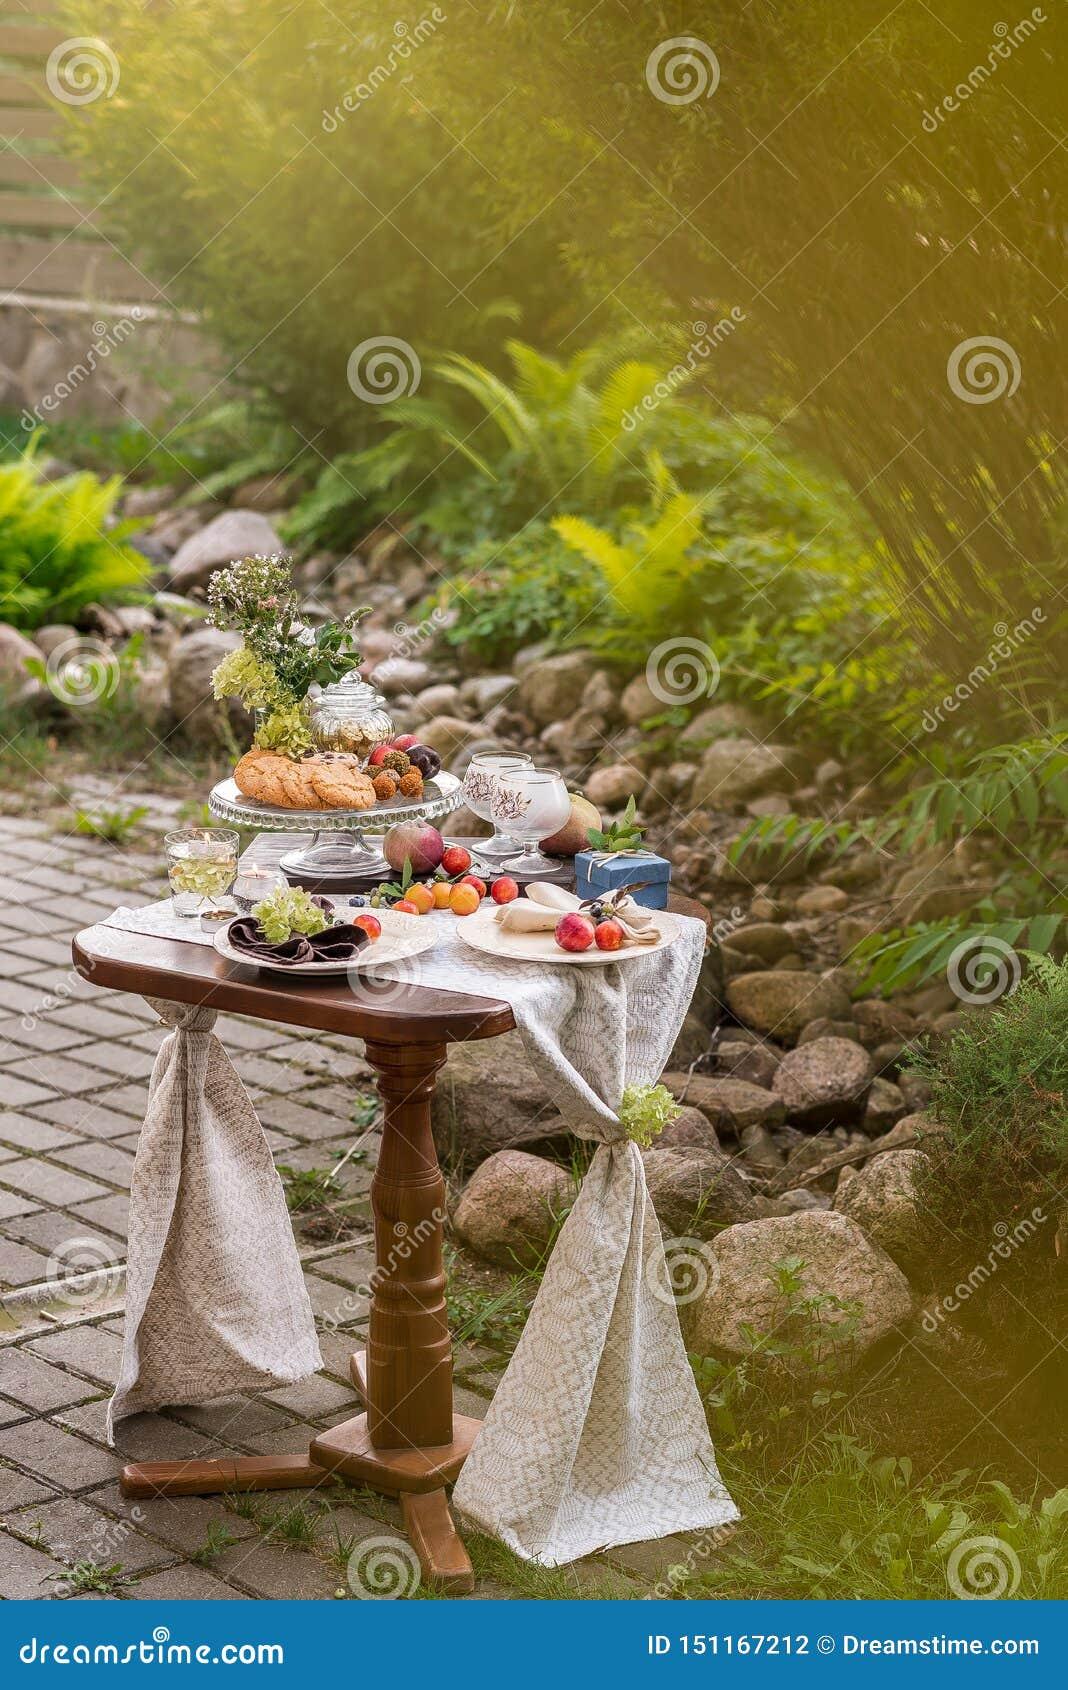 与欢乐款待的表和桌布在夏天庭院里